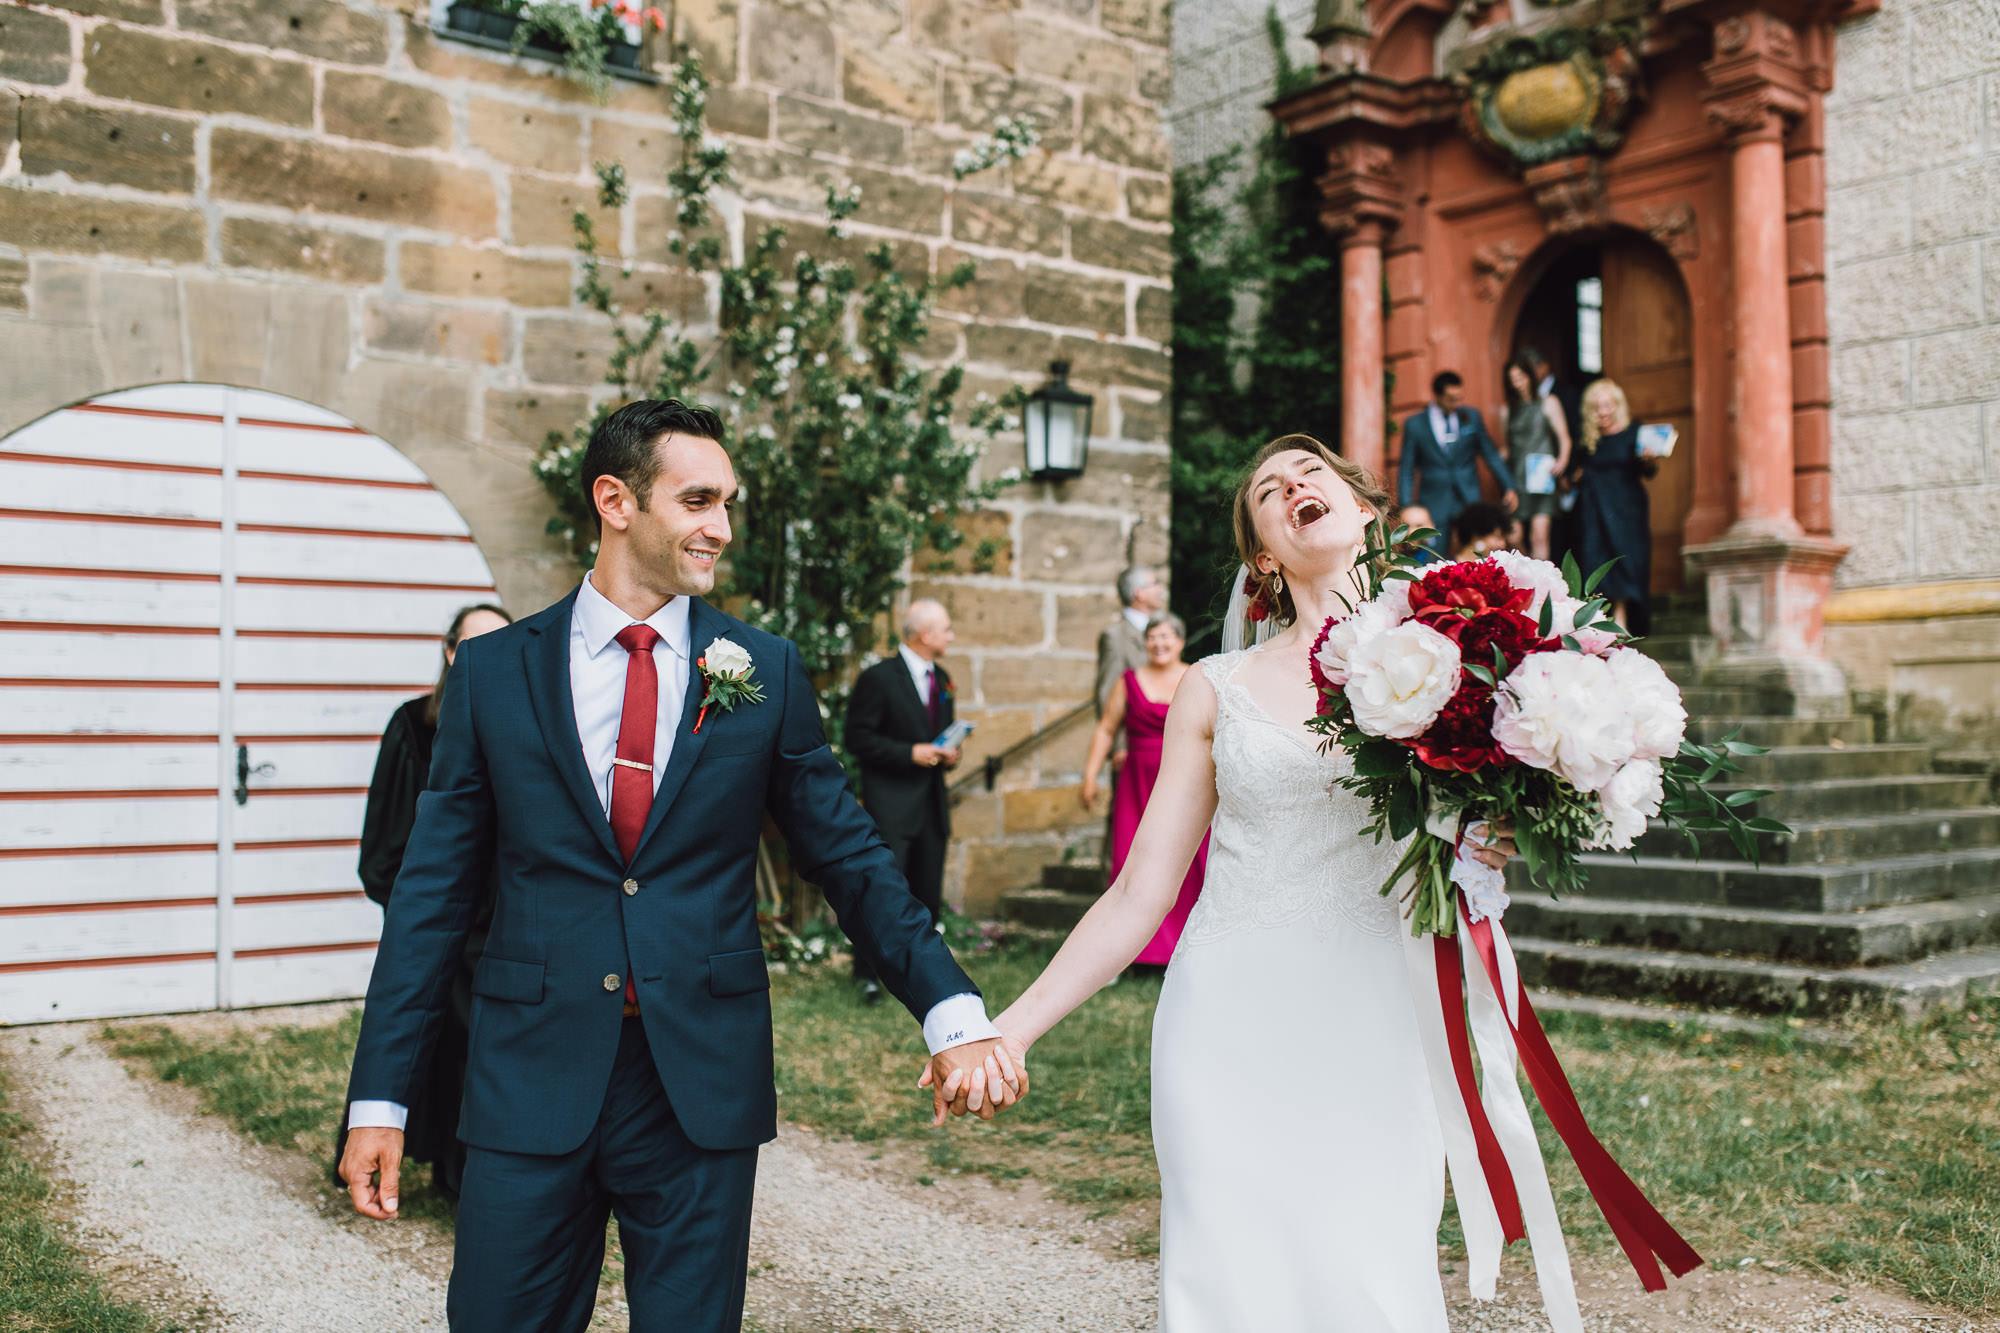 rustic-elegant-wedding-schloss-hochzeit-eyrichshof-franken-bamberg-076